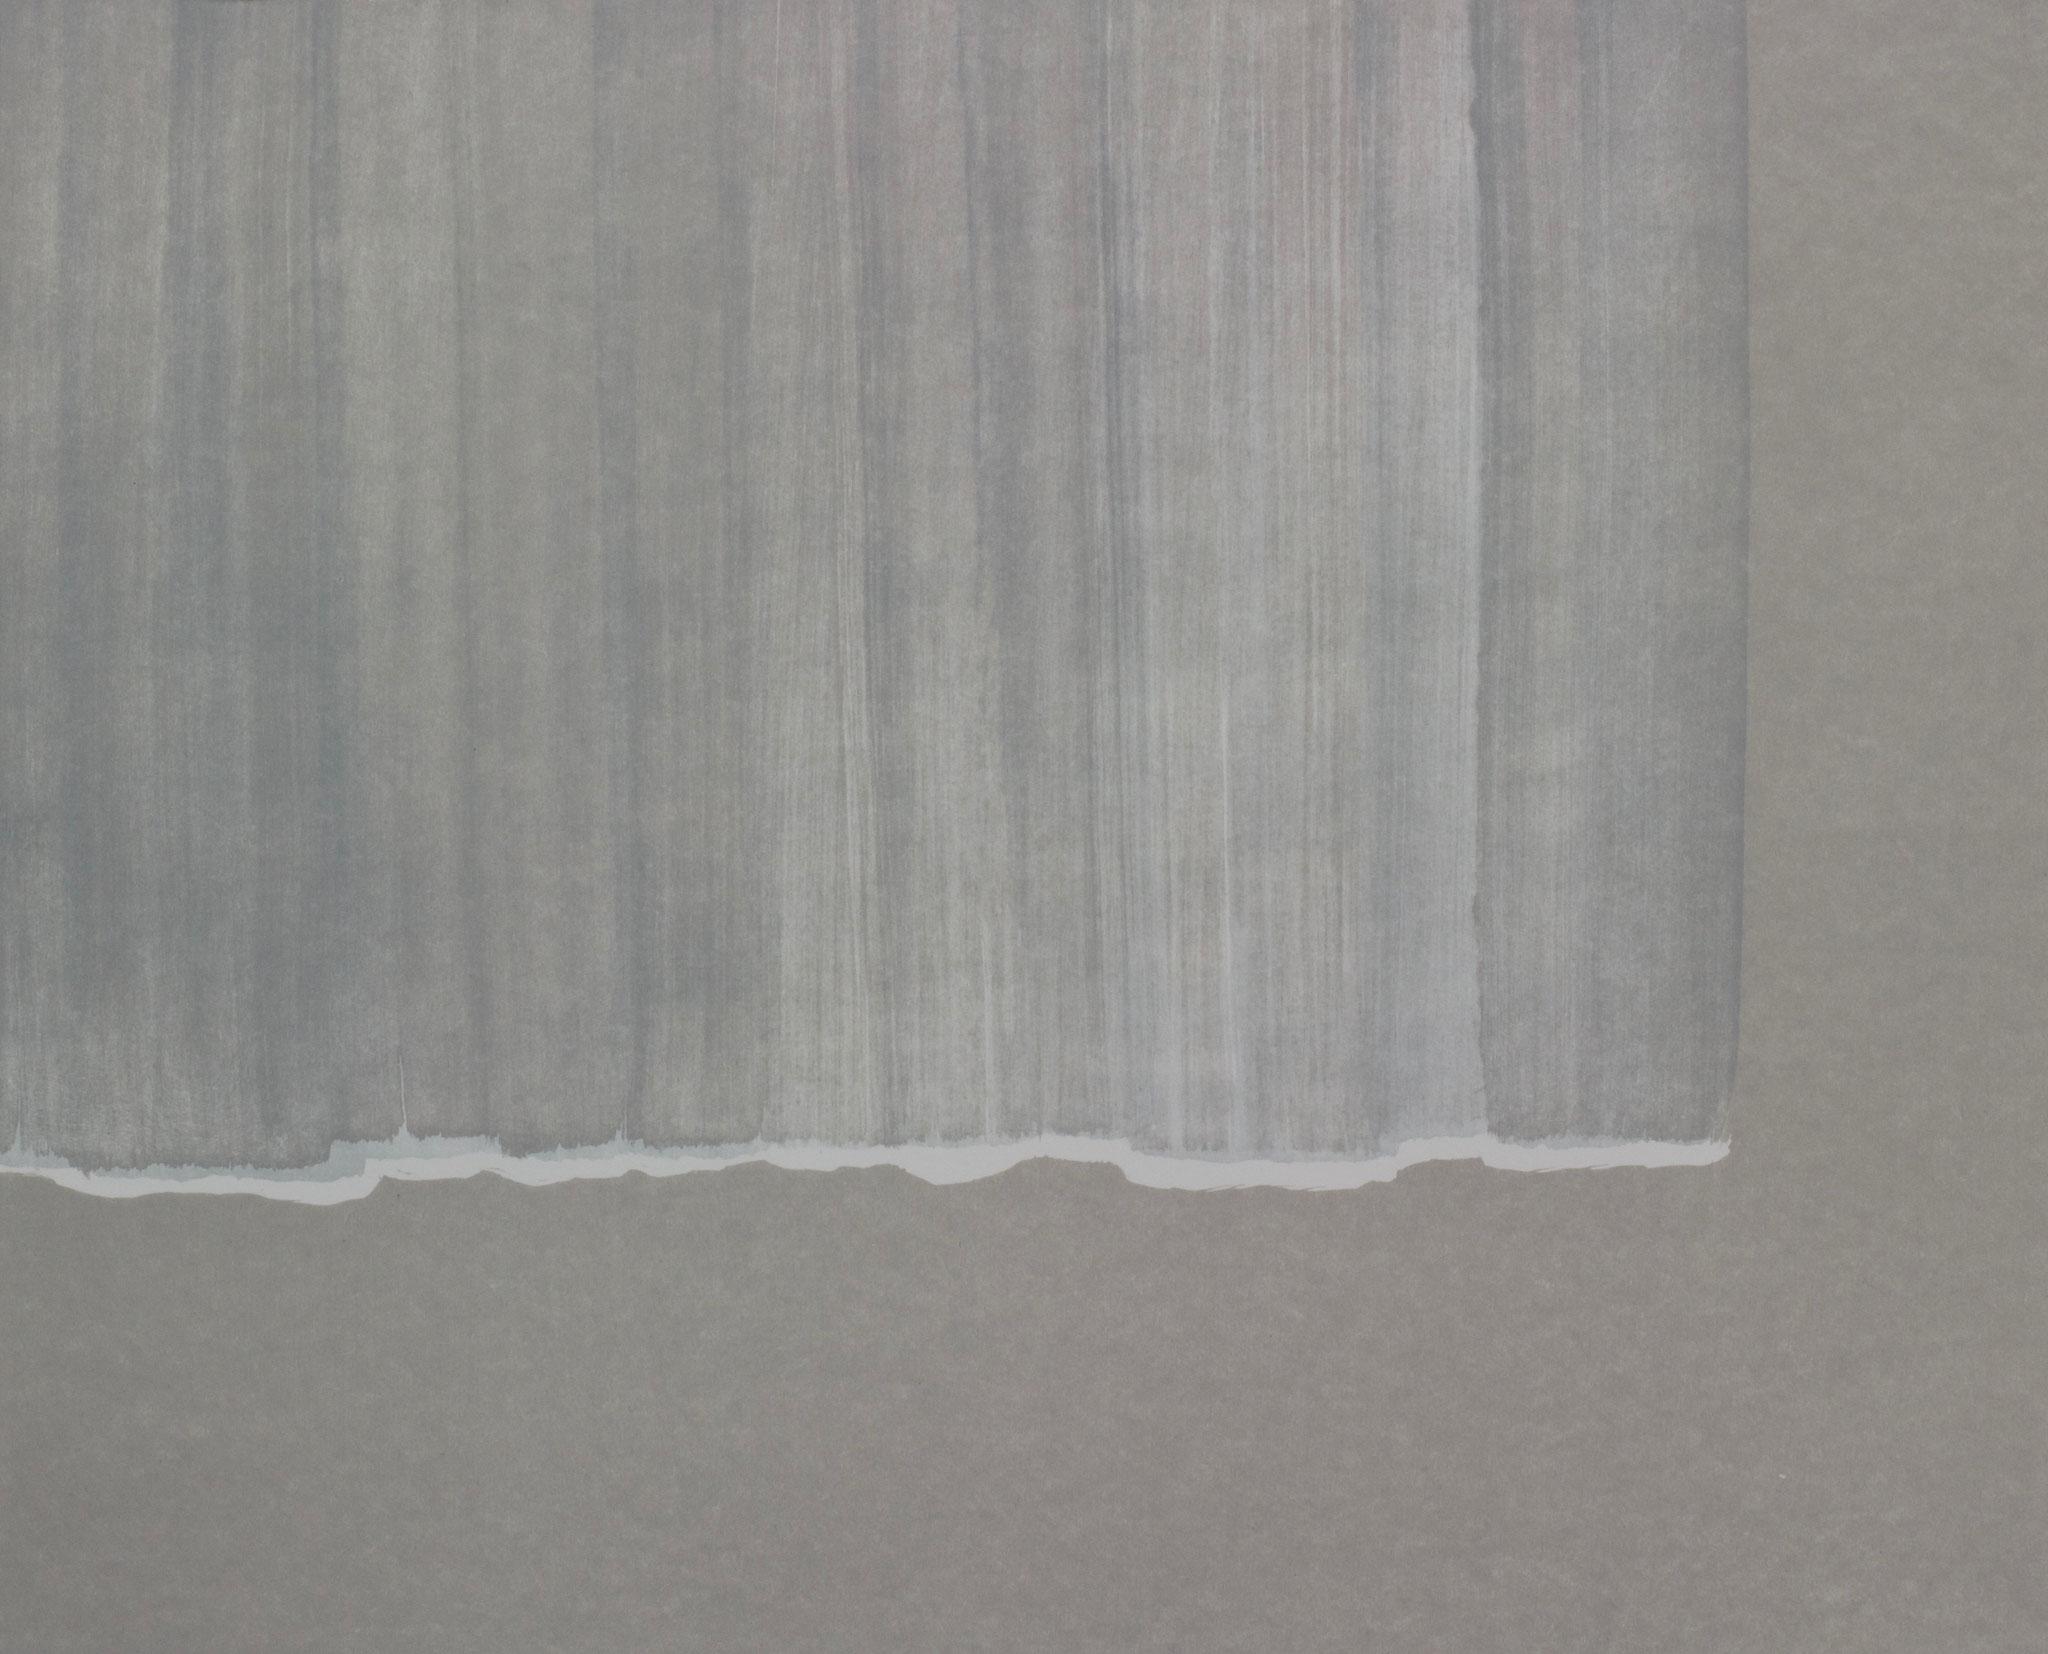 Schwelle 27,0 × 33,0 cm